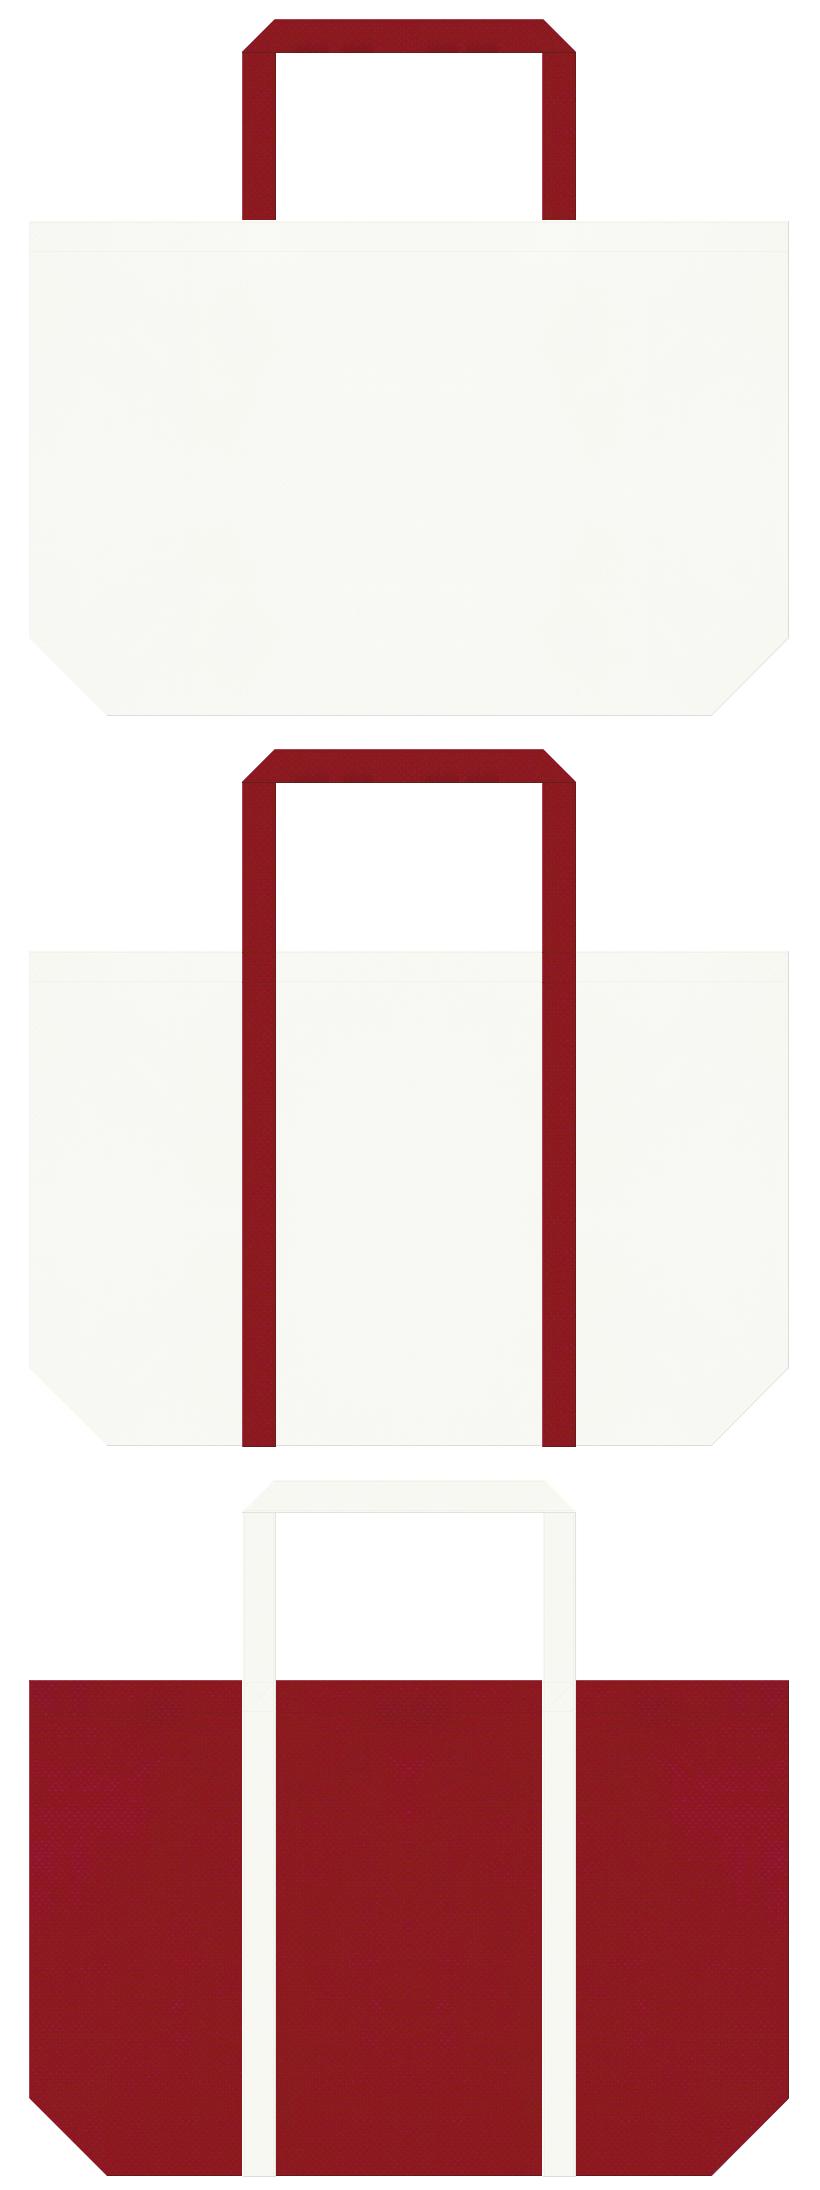 学校・オープンキャンパス・振袖・着物・回転寿司・和菓子・和風催事にお奨めの不織布バッグデザイン:オフホワイト色とエンジ色のコーデ